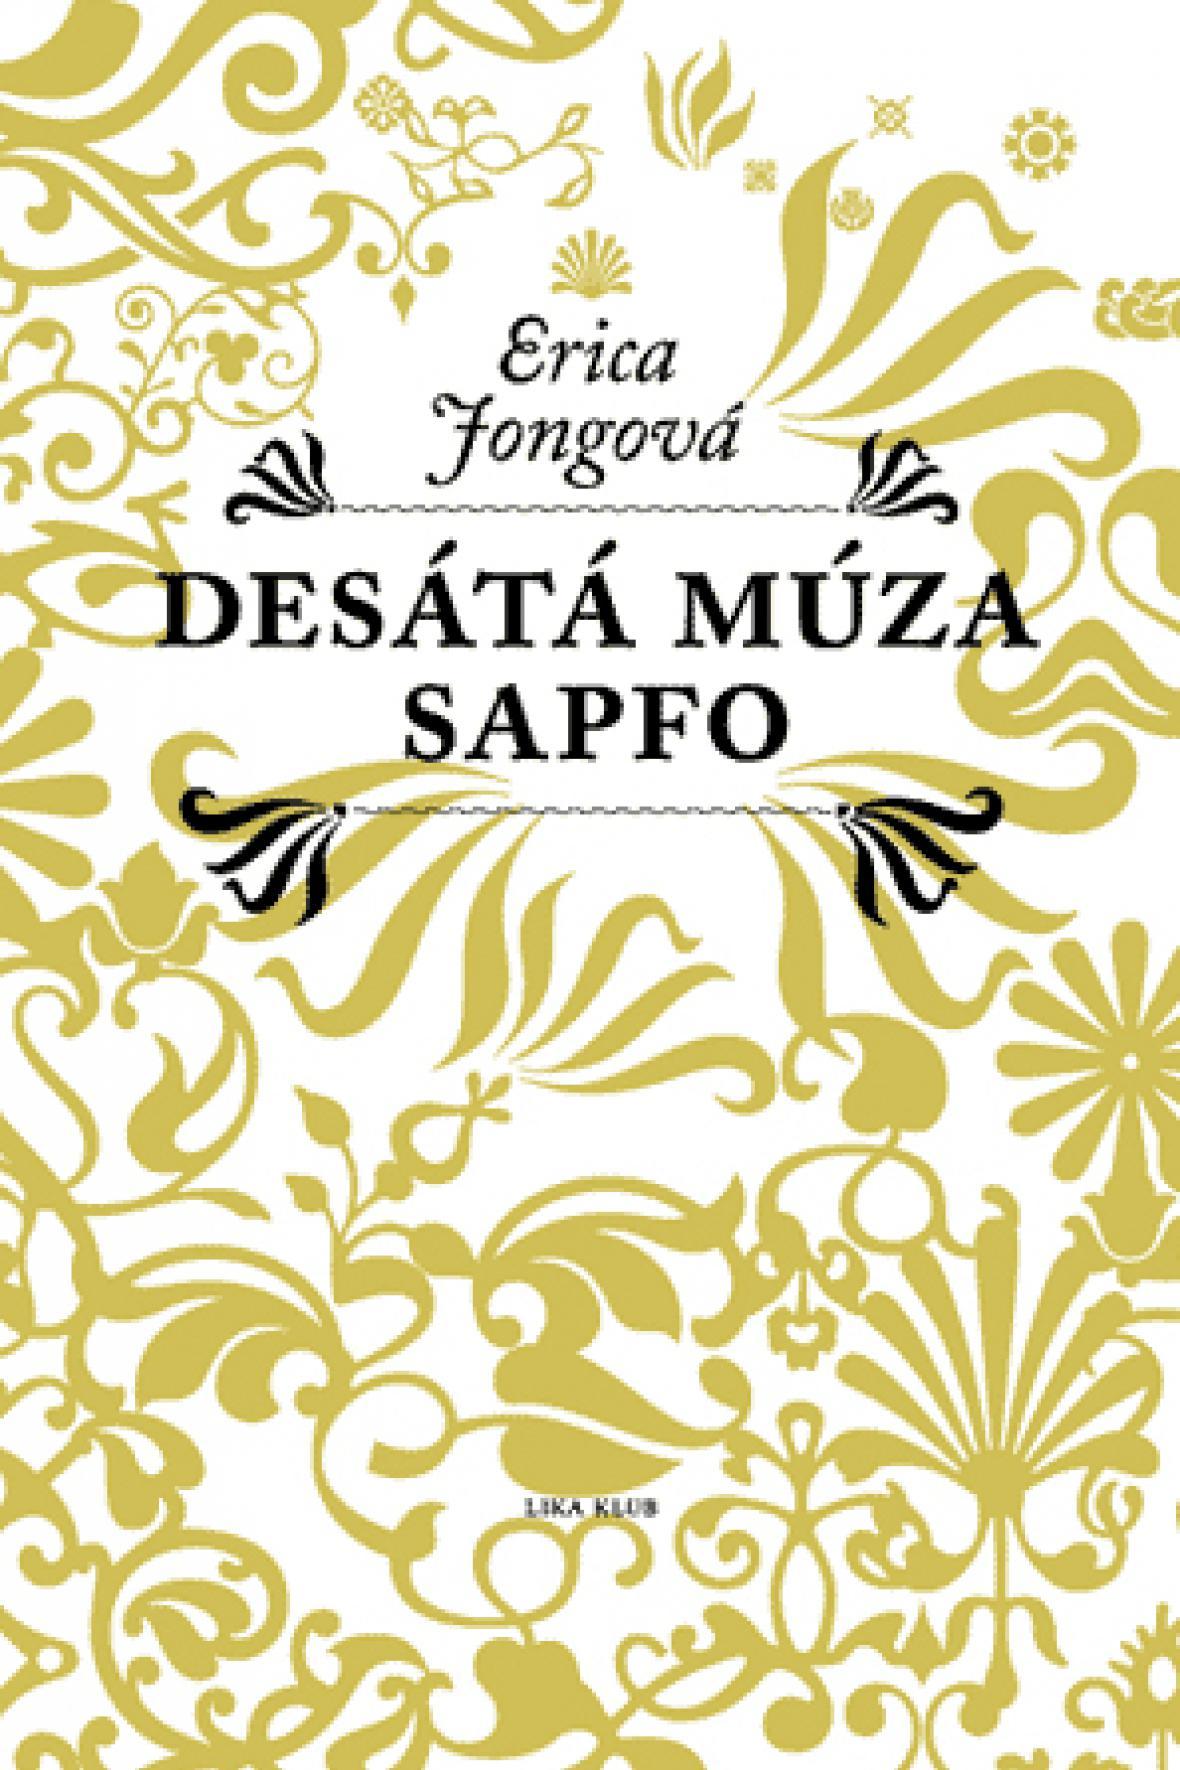 Desátá múza Sapfo